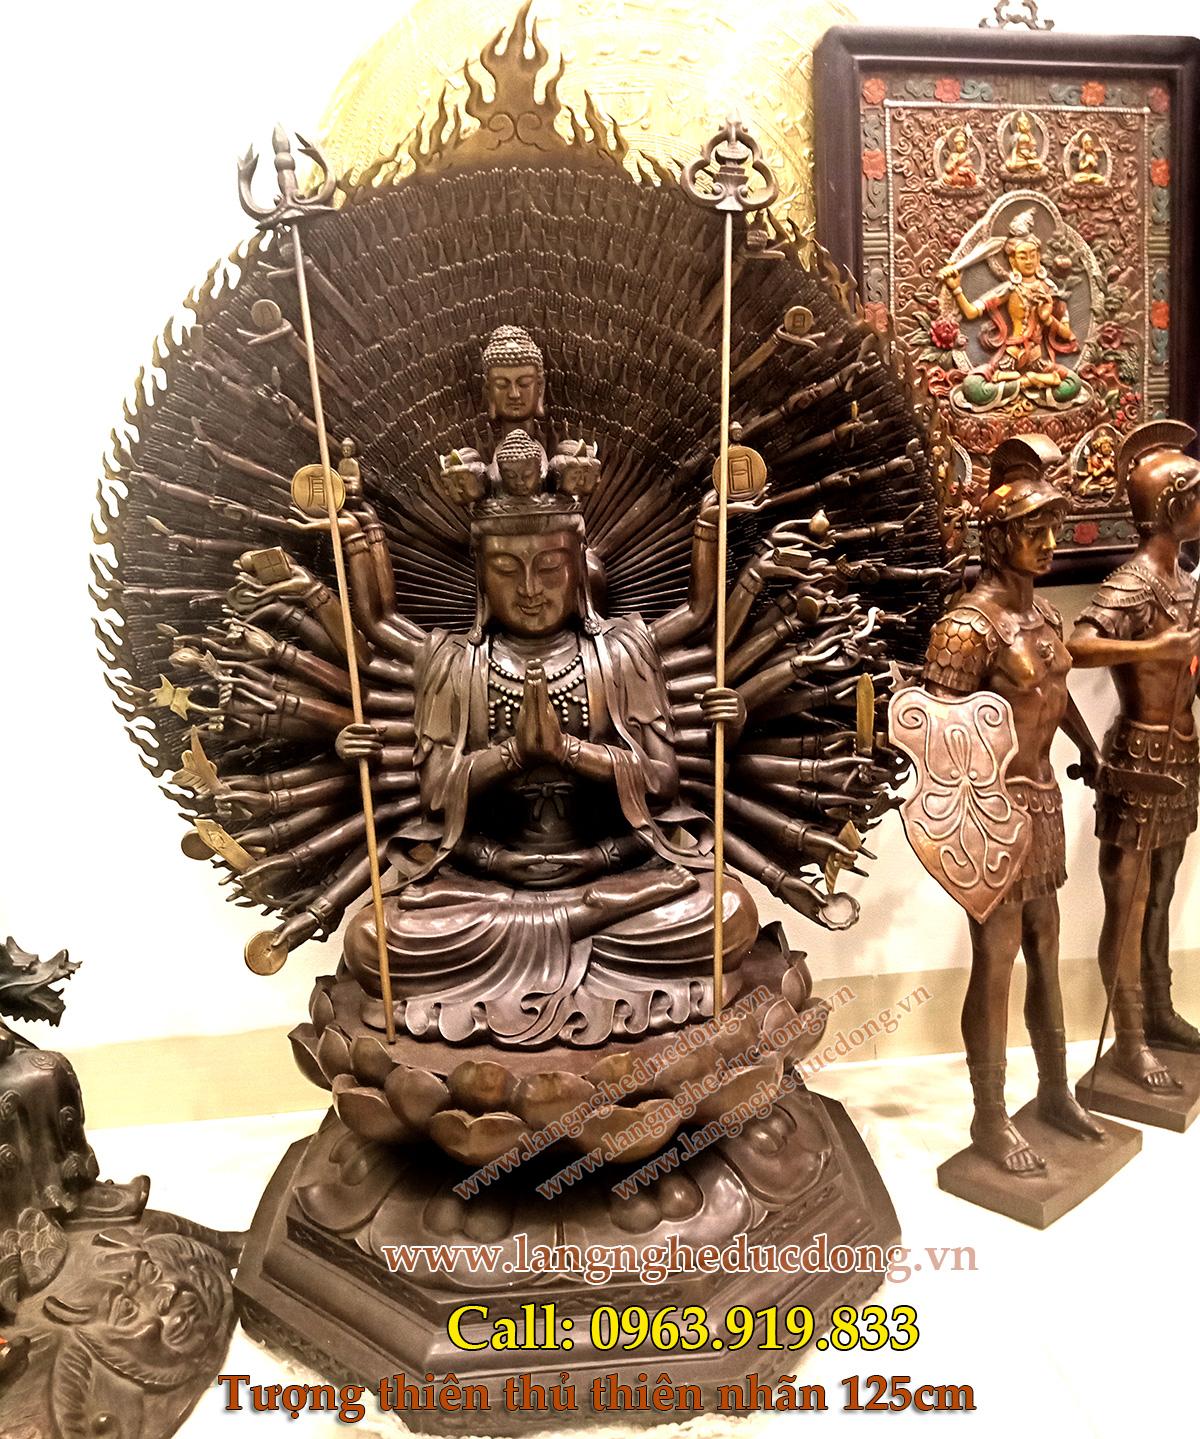 langngheducdong.vn - tượng thờ cúng, tượng phật, tượng thiên thủ thiên nhãn